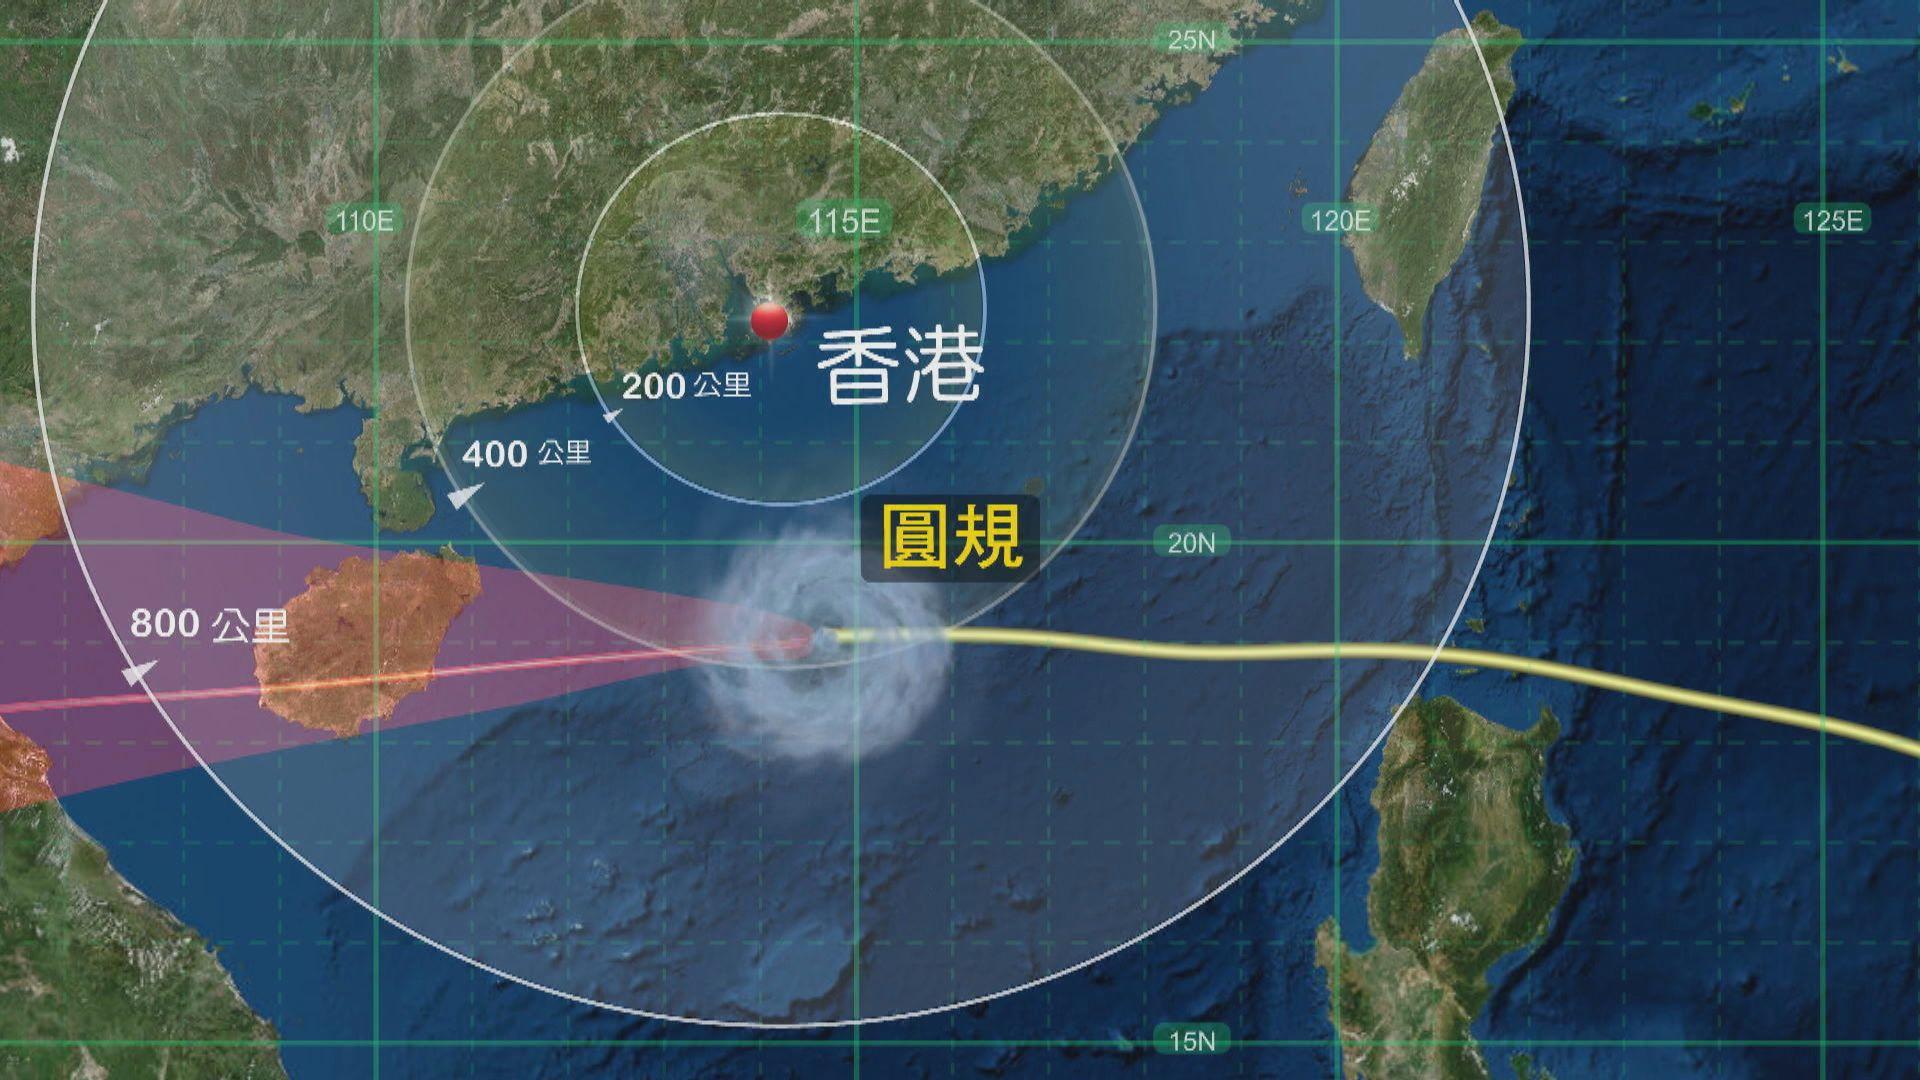 強烈熱帶風暴圓規料未來數小時最接近本港